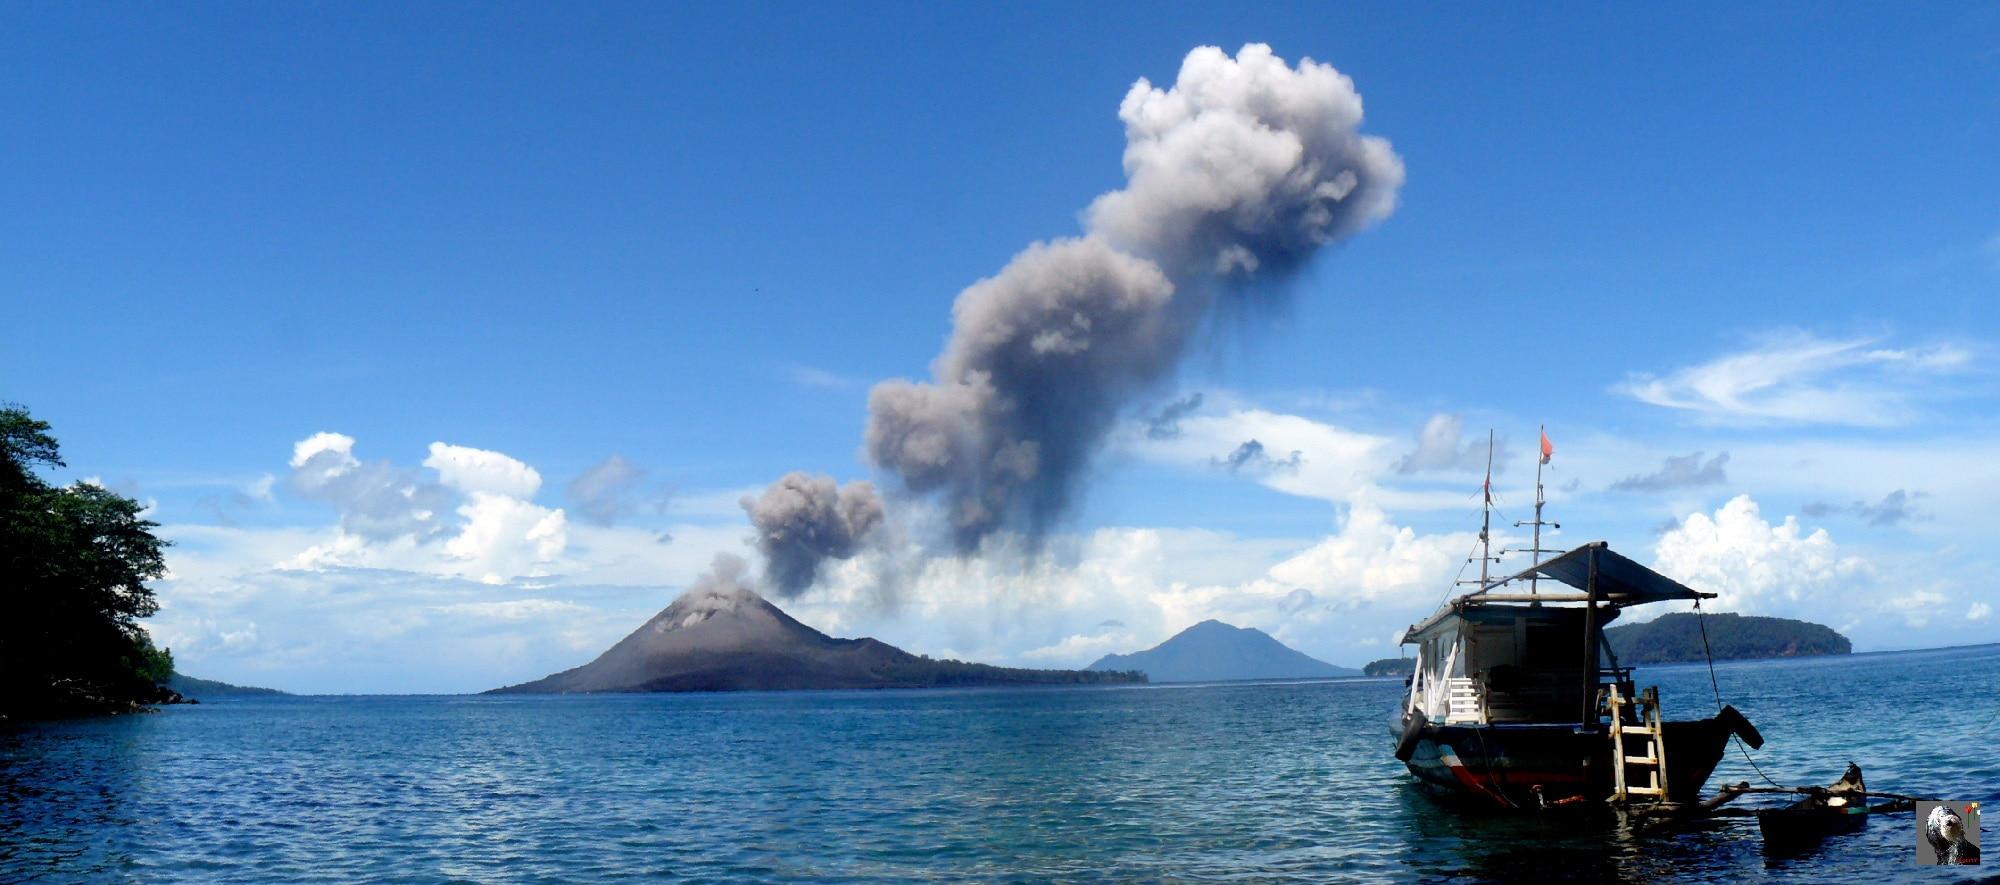 Indonésie, le Krakatau en 2008